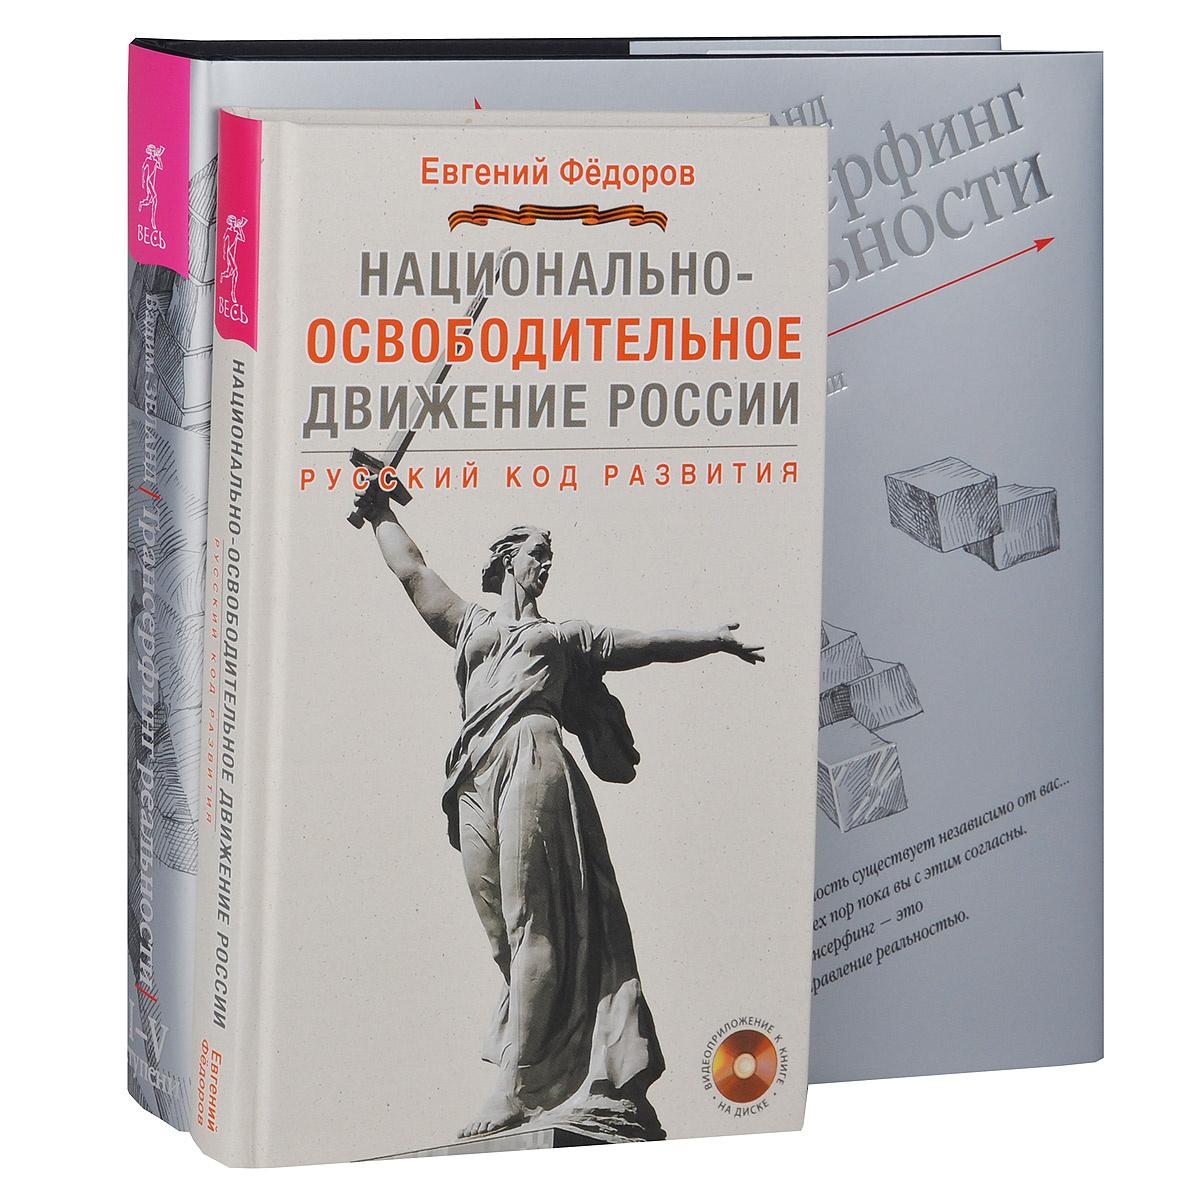 Национально-освободительное движение в России. Трансерфинг реальности. 1-5 ступени (комплект из 2 книг #1